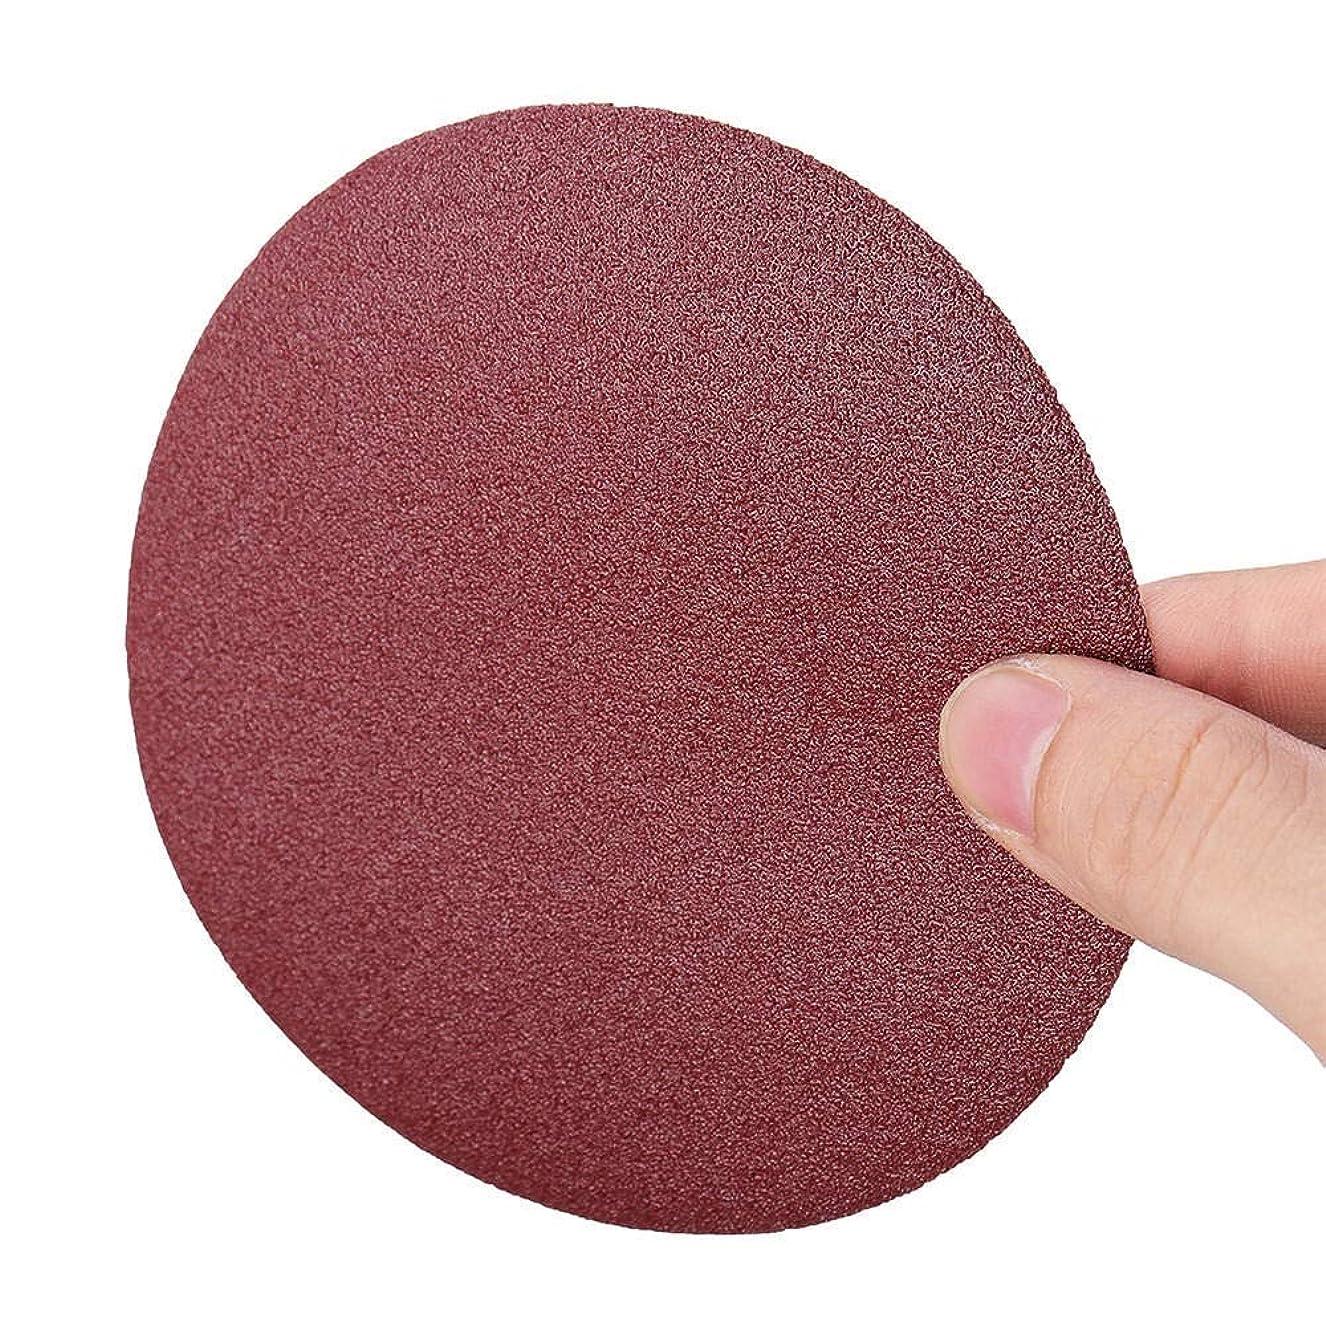 大きい重さ規制するZGQA-GQA 工業用研磨剤の100pcs 5インチの研磨紙やすりディスク100グリットラウンドフックとループフロッキング